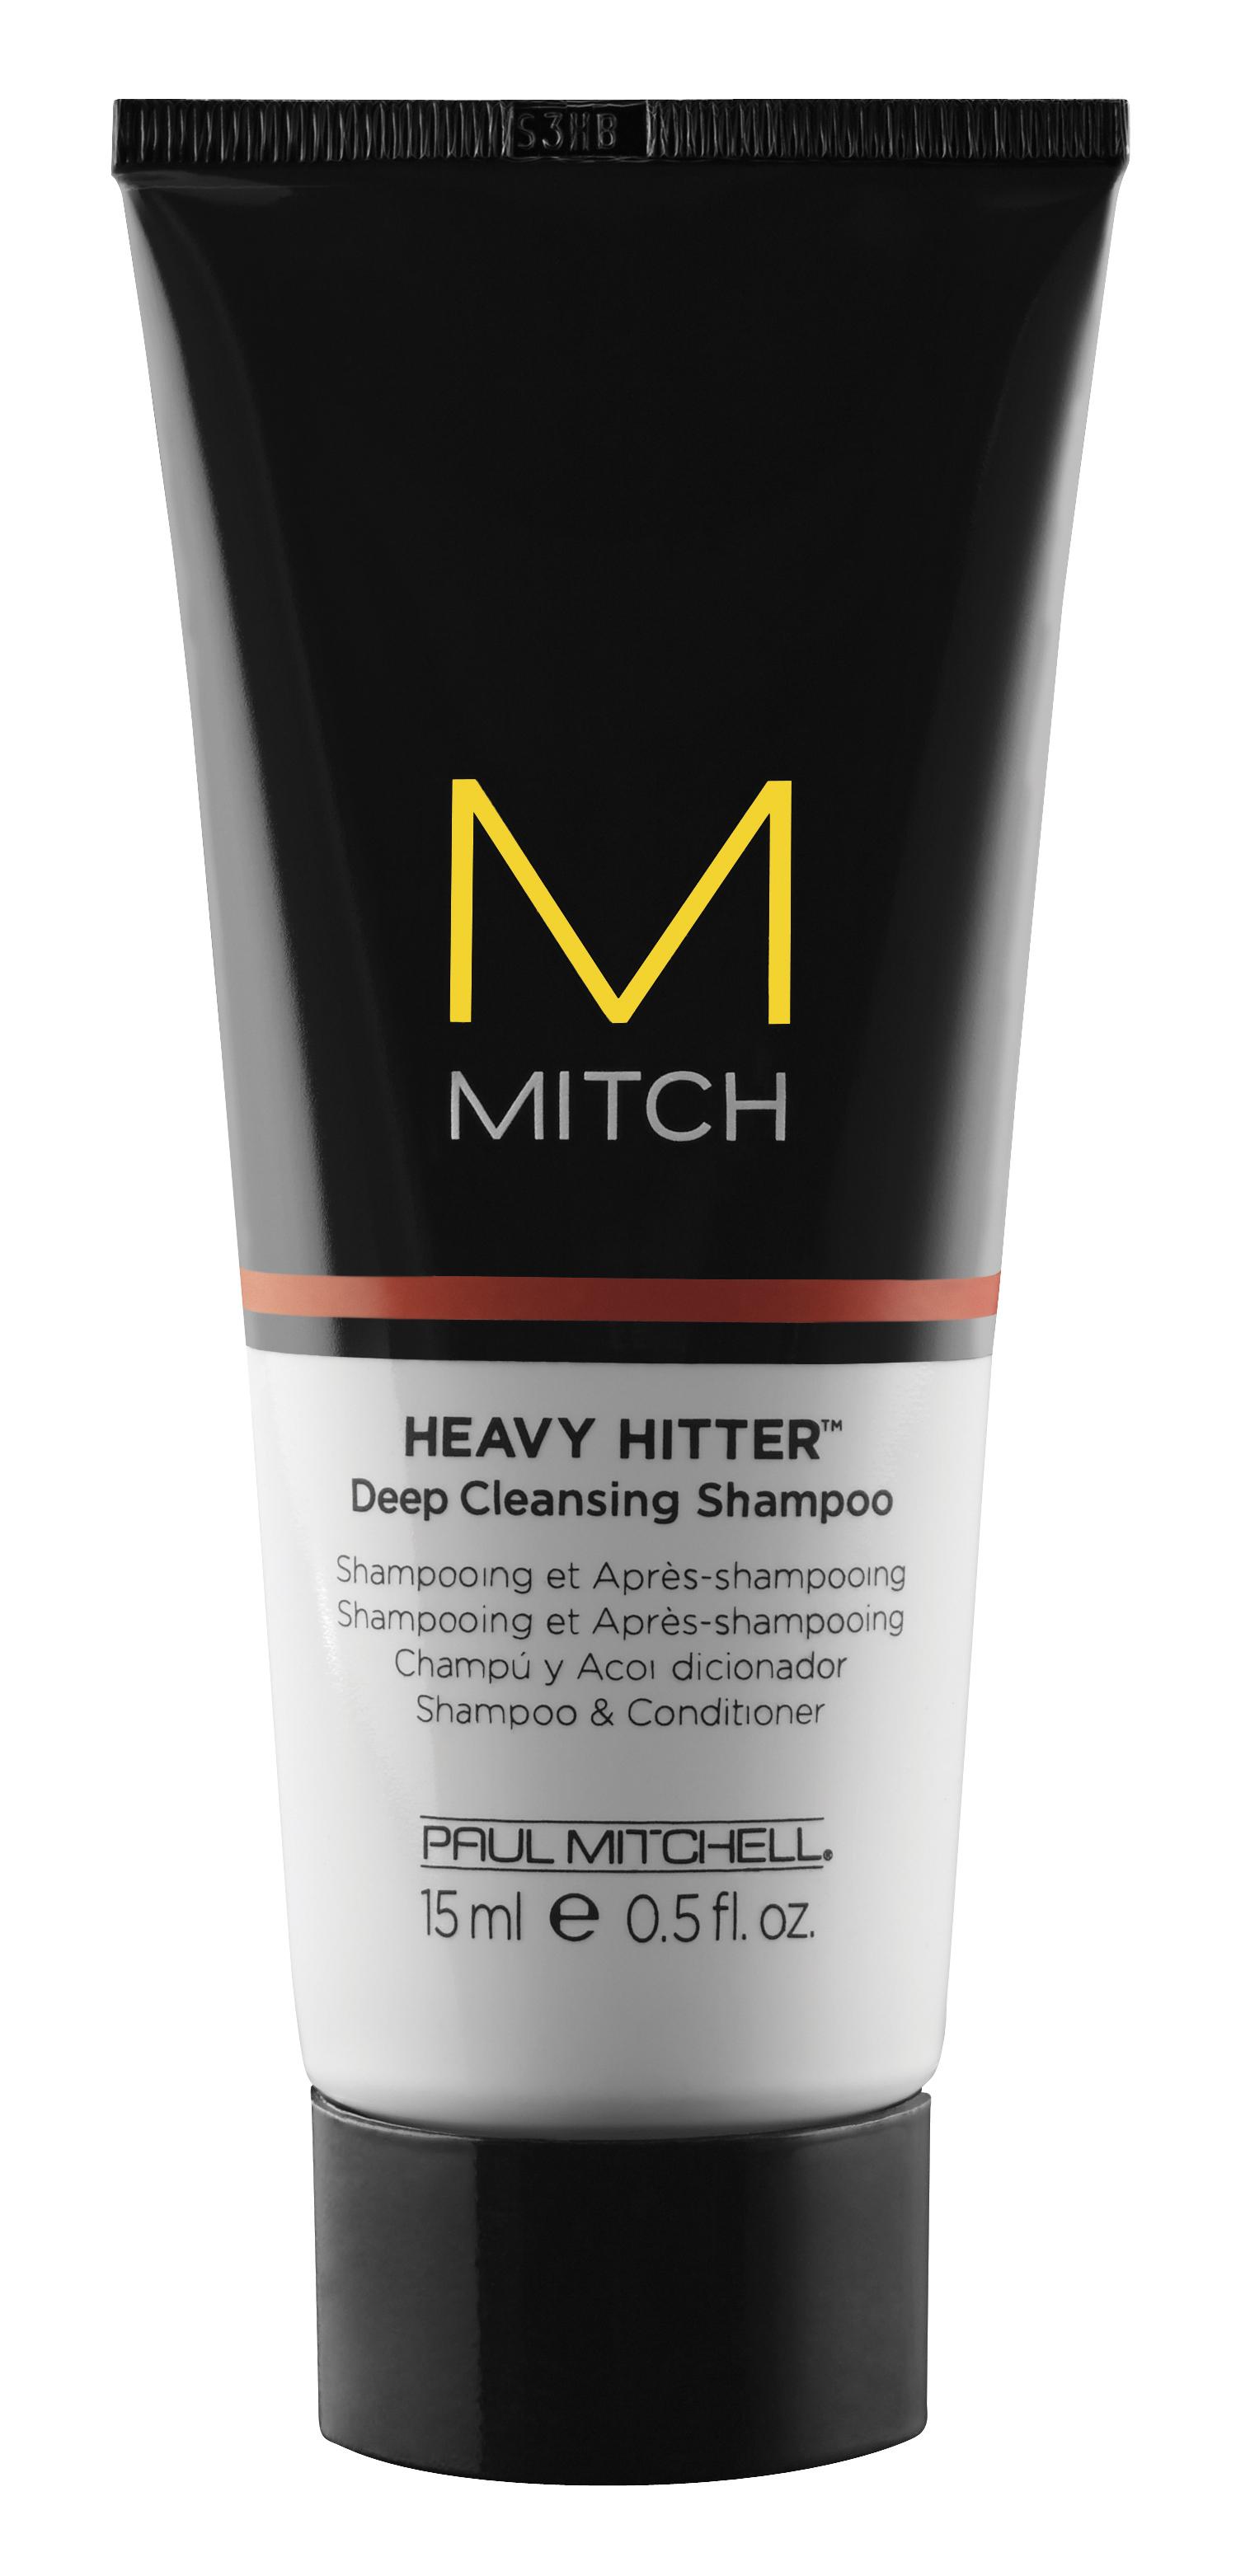 Mitch Heavy Hitter